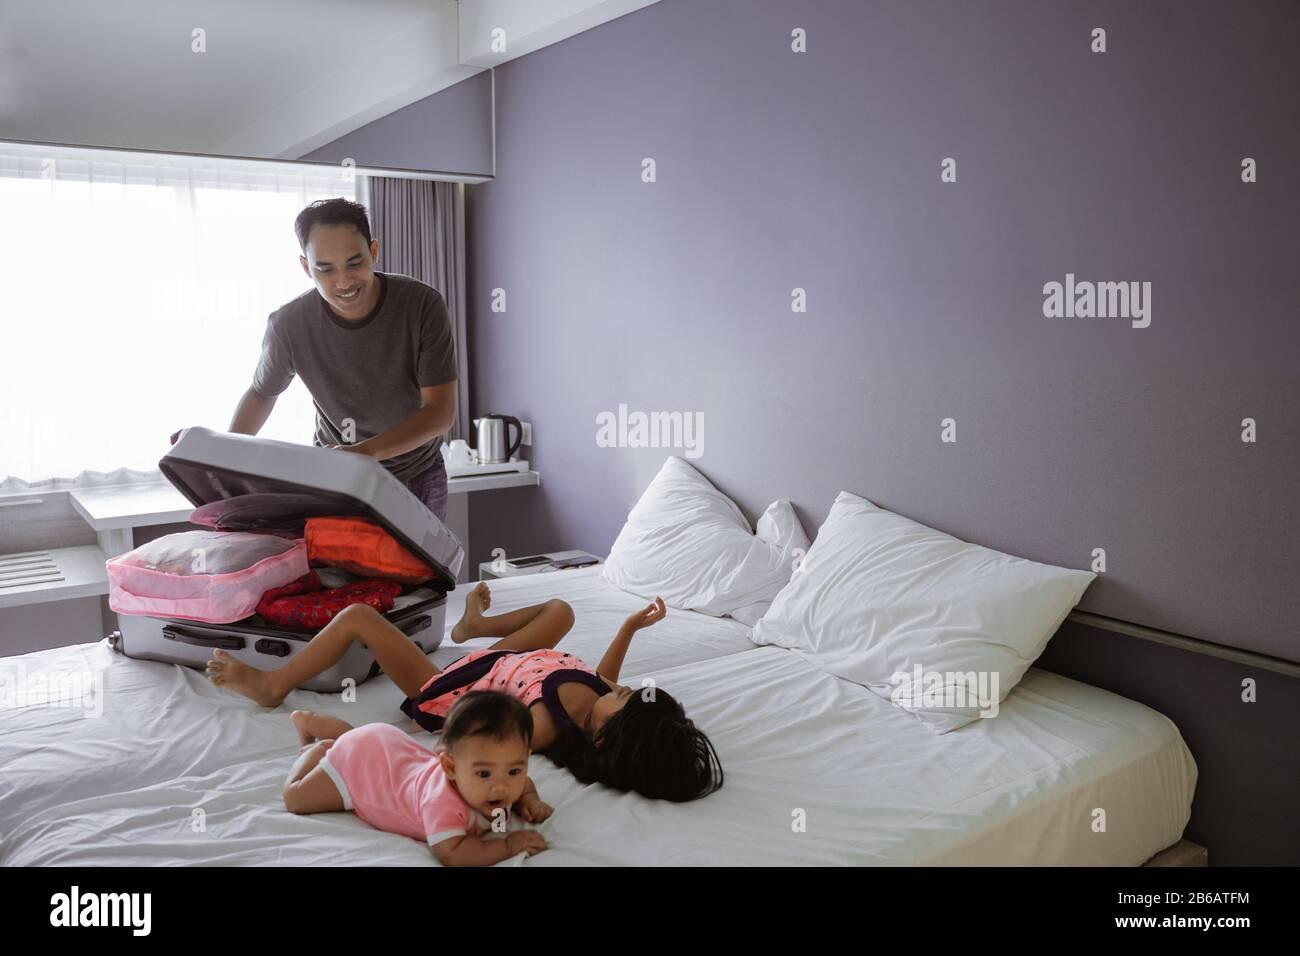 le père prépare la valise quand ses deux enfants jouent sur le lit dans la chambre Banque D'Images